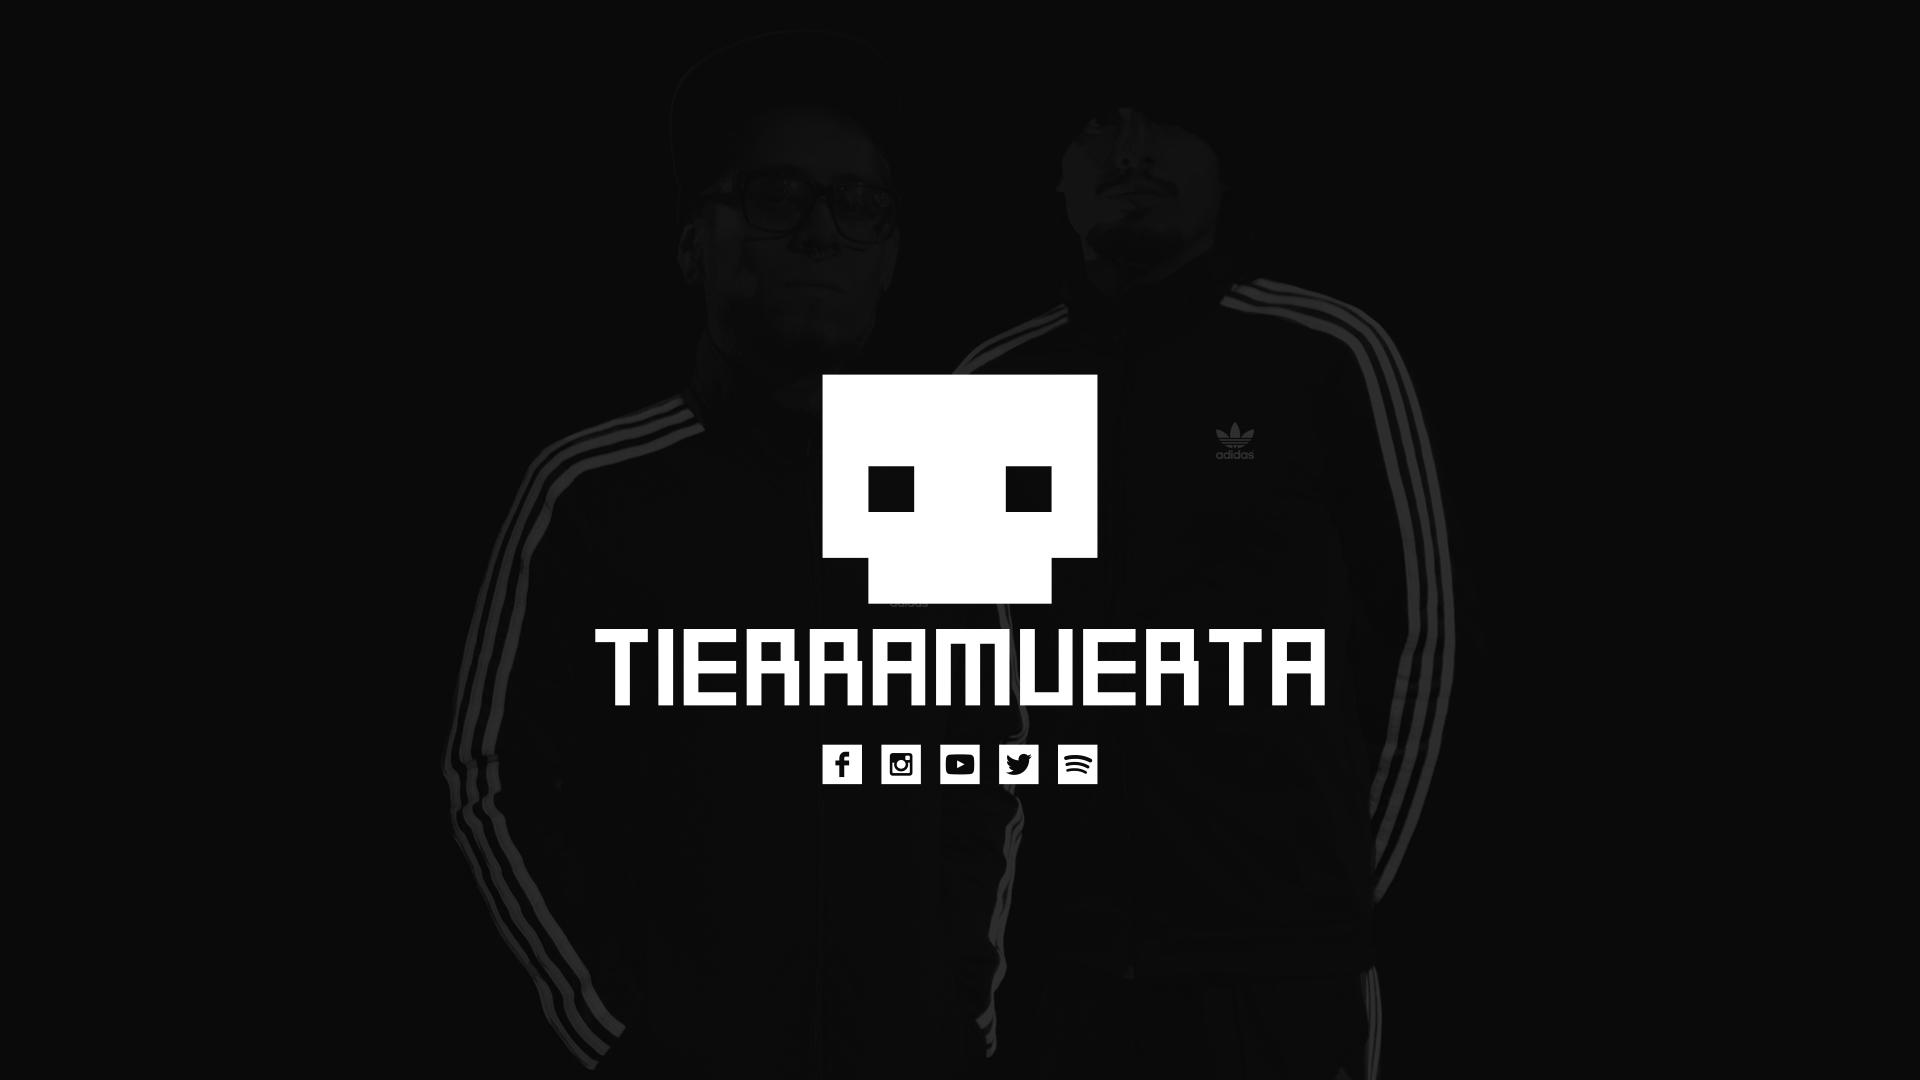 TIERRAMUERTA